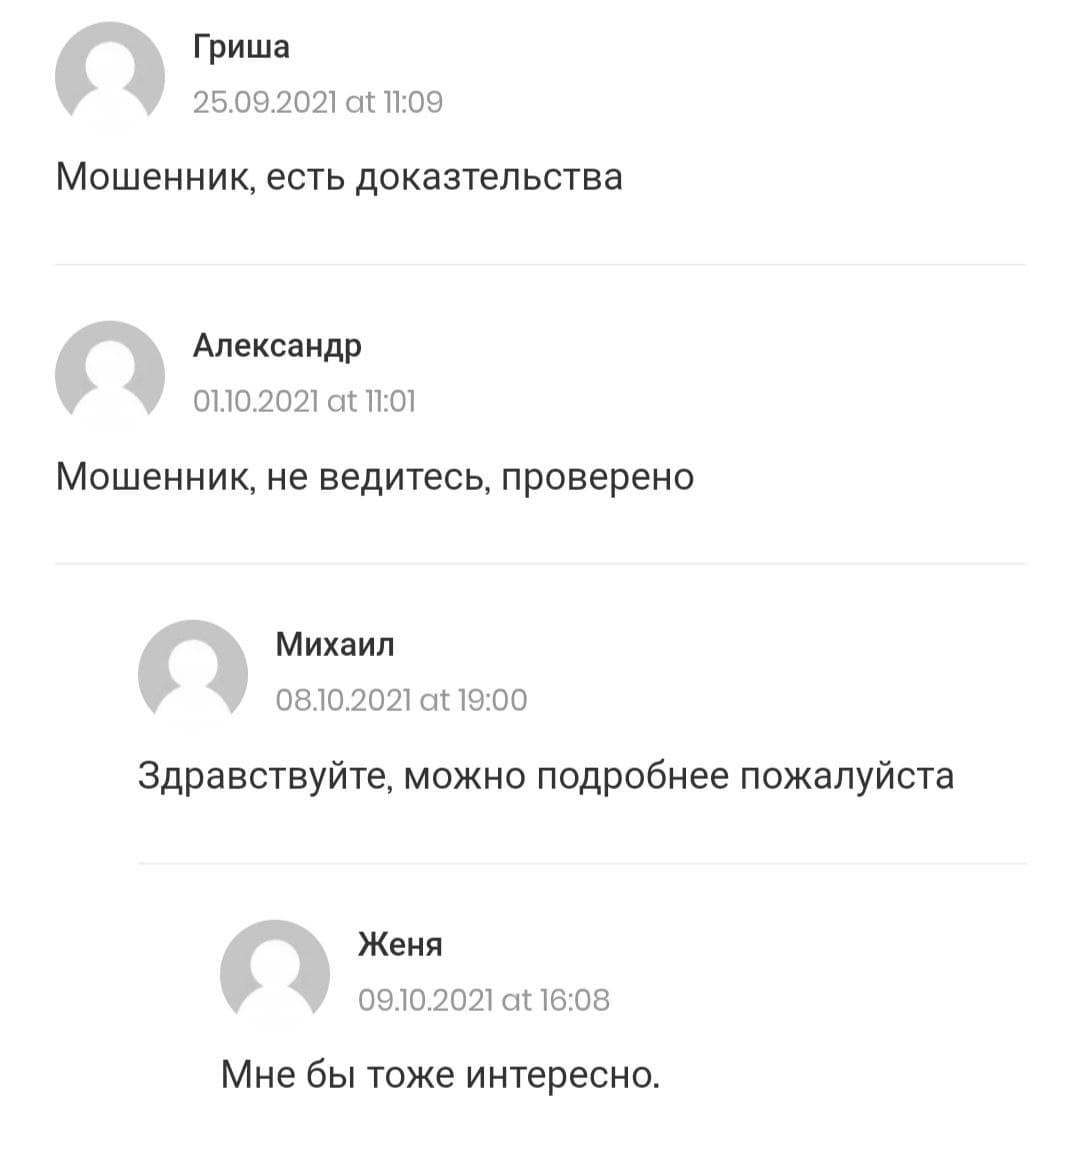 Express Bet Экспрессы Сергей Соколов — отзывы